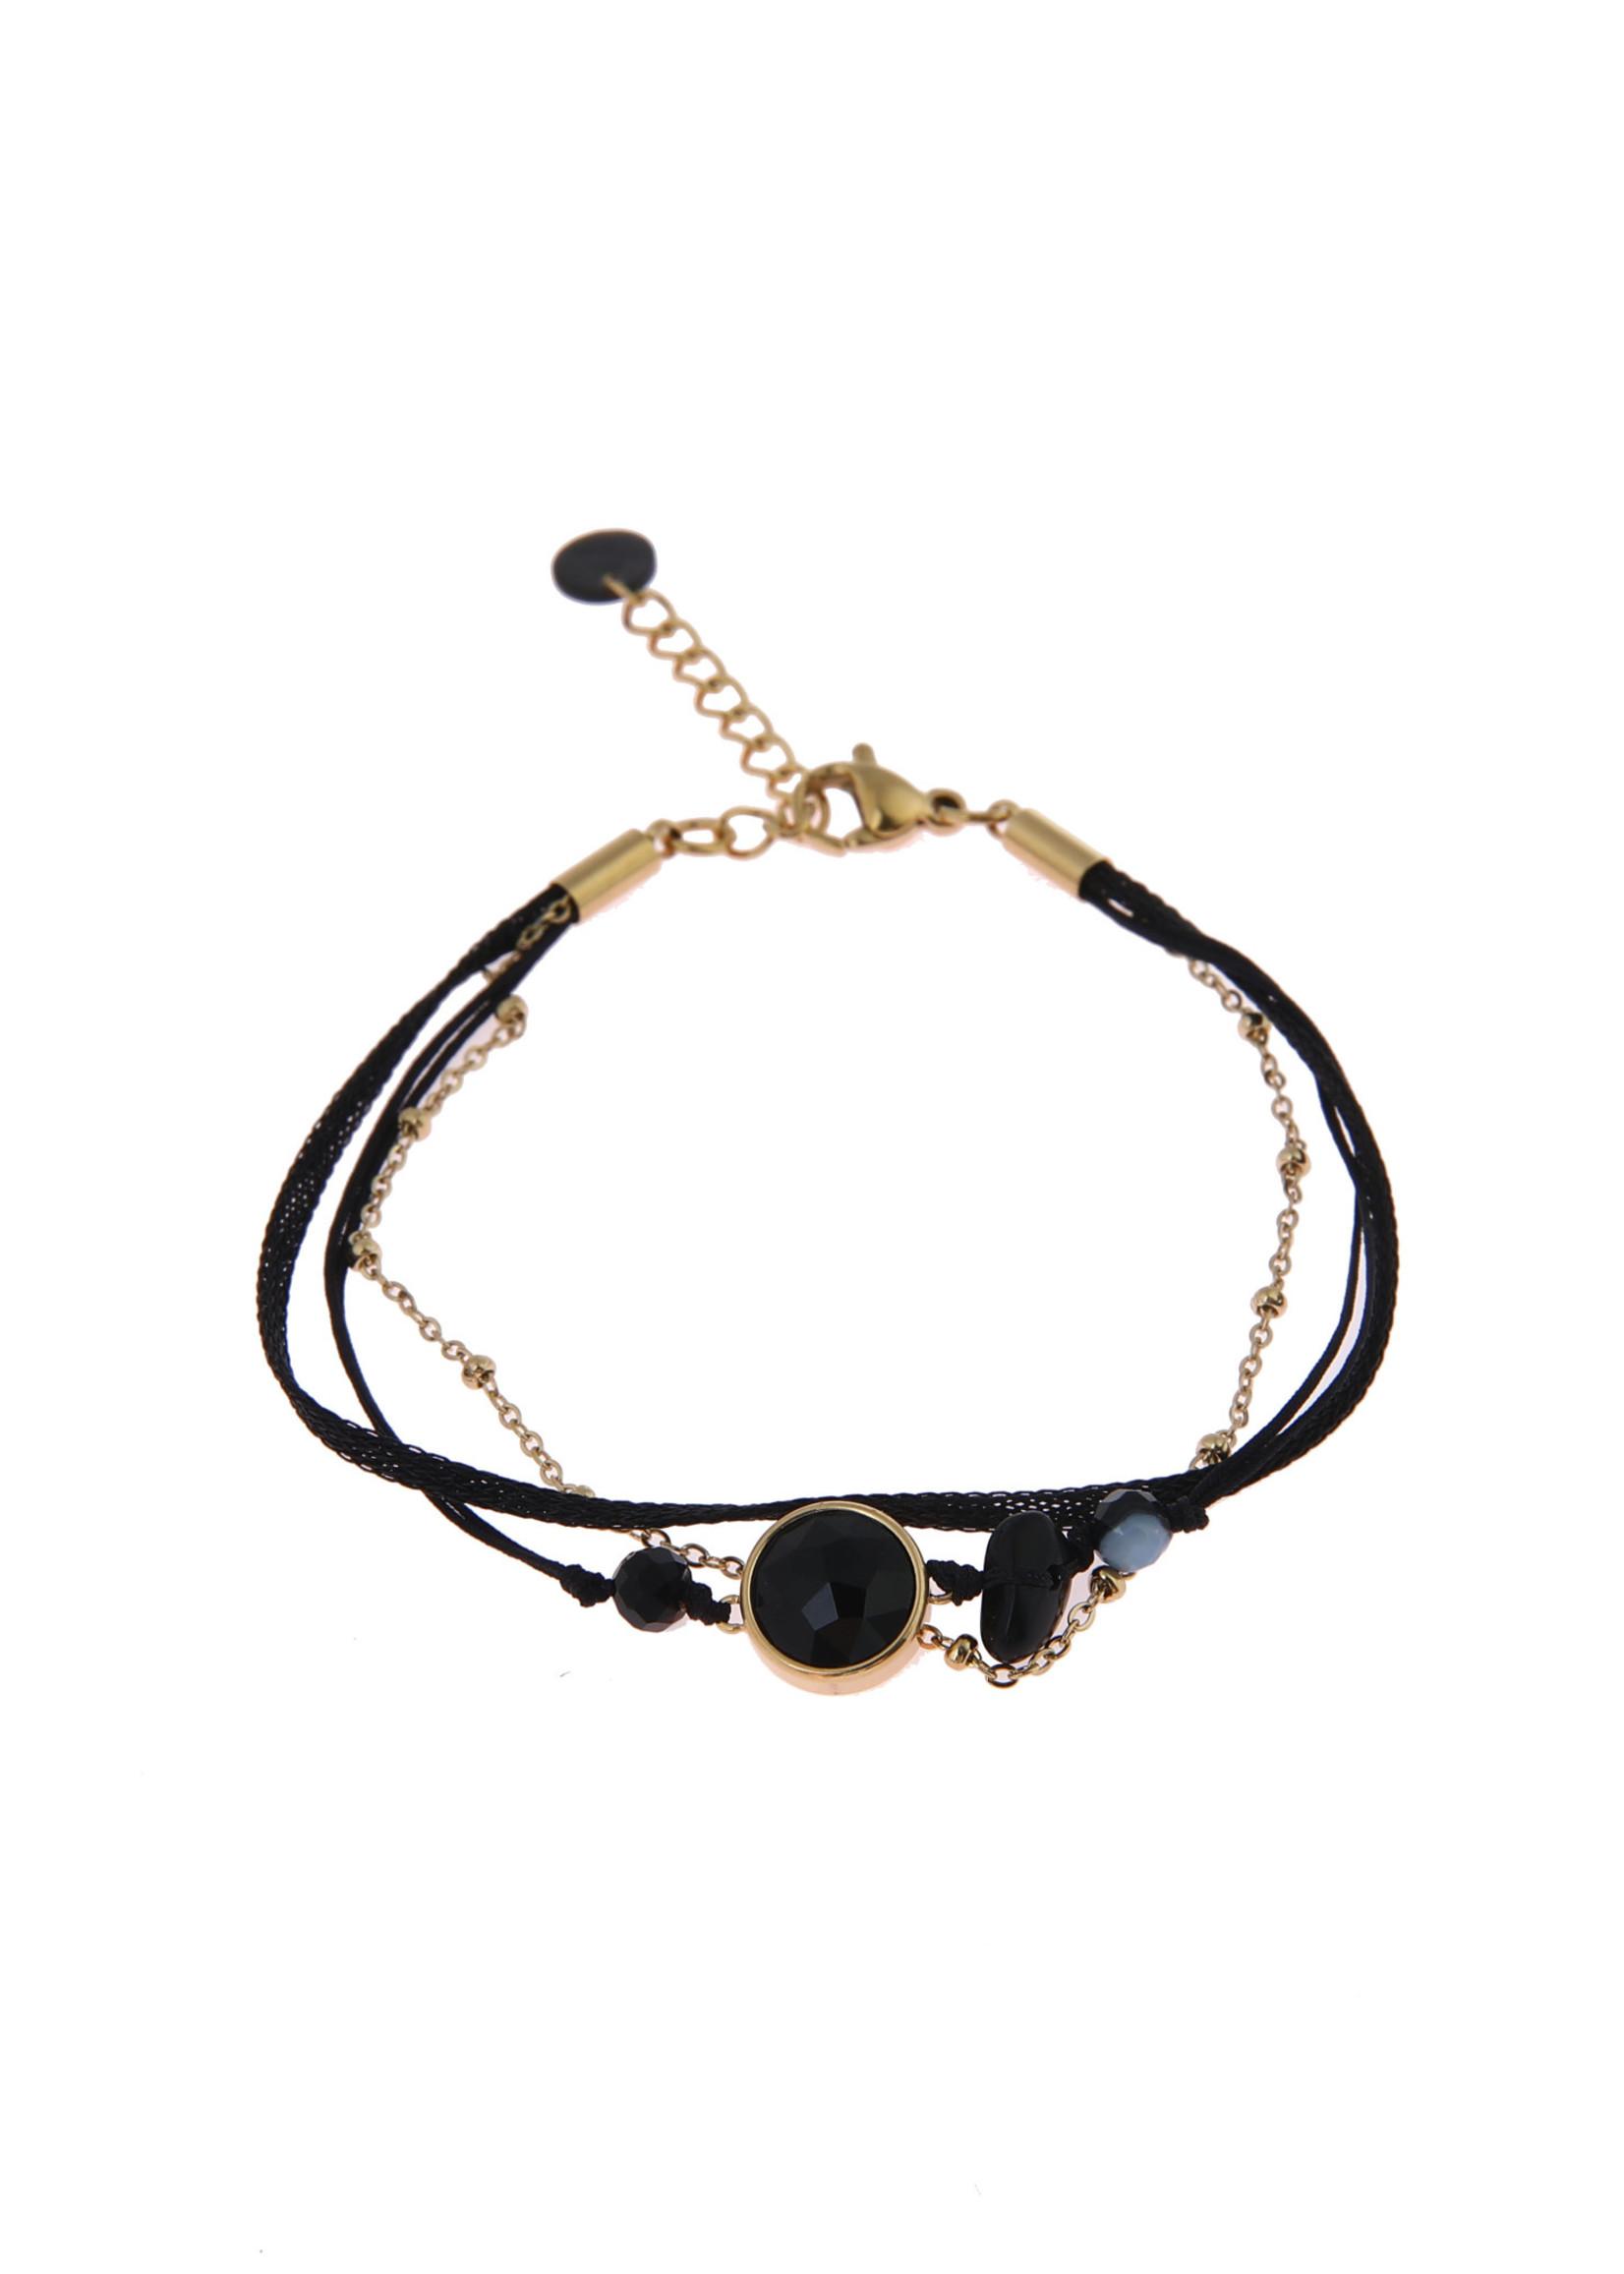 Armband goud/ zwart 3 in 1 B0829-1